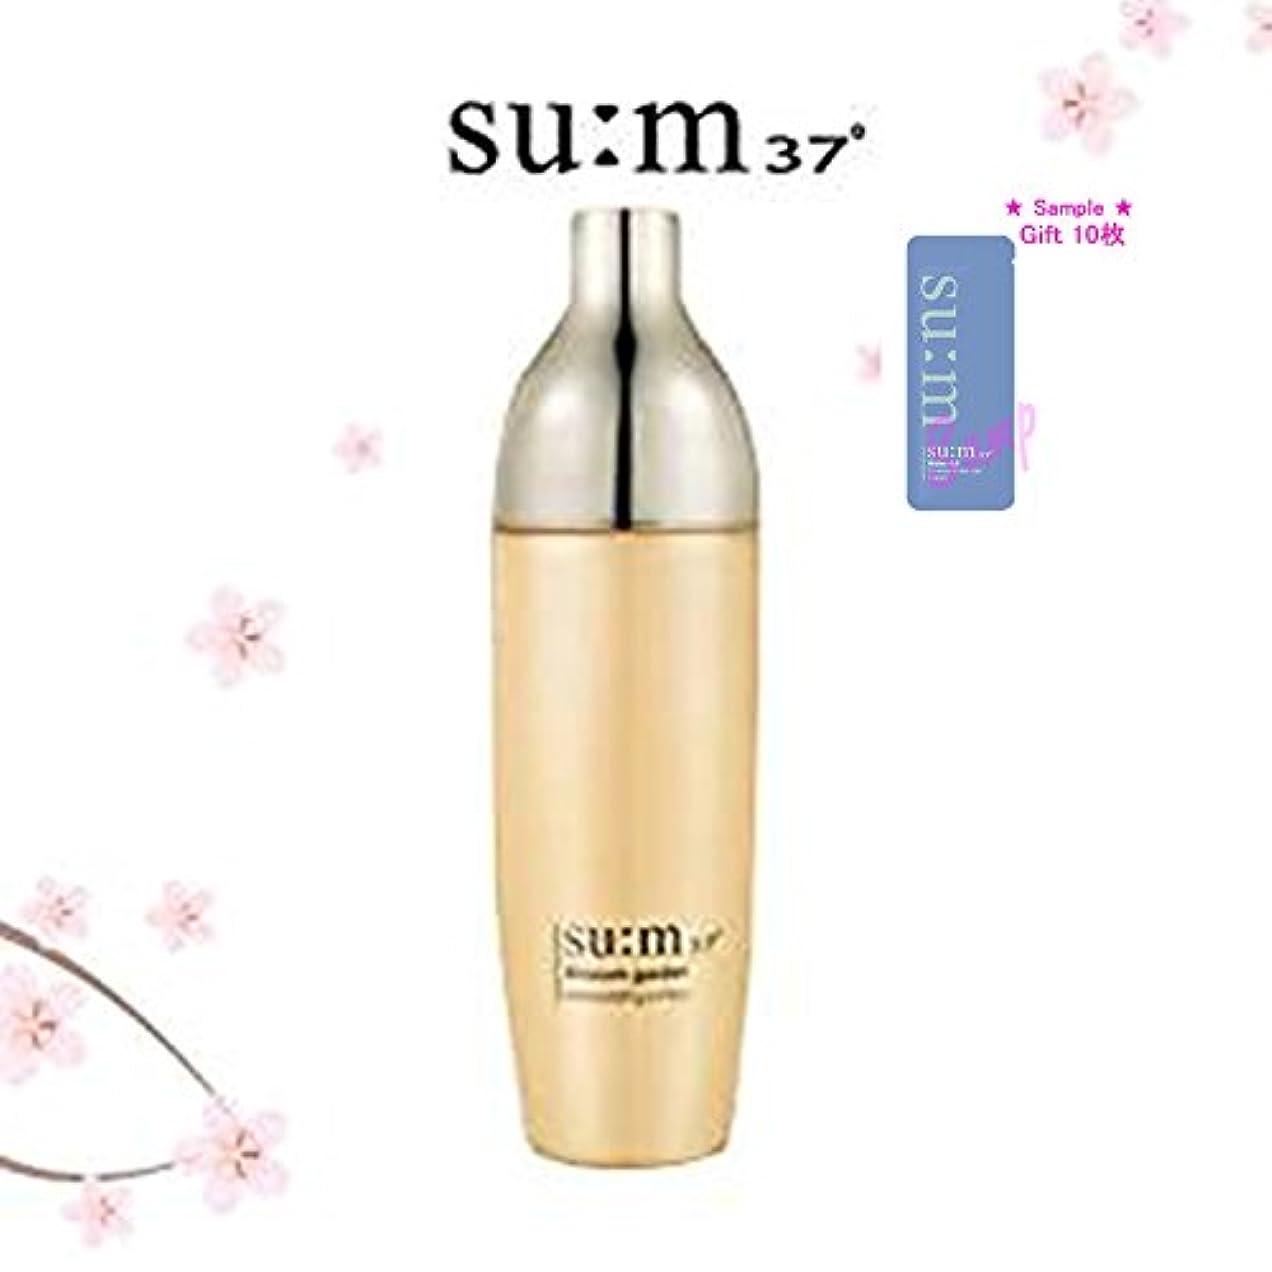 ぬるいアベニューチャームsum37(スム37)ブロッサムガーデンモイスチャライジングスキン150ml(blossom garden moisturizing skin)